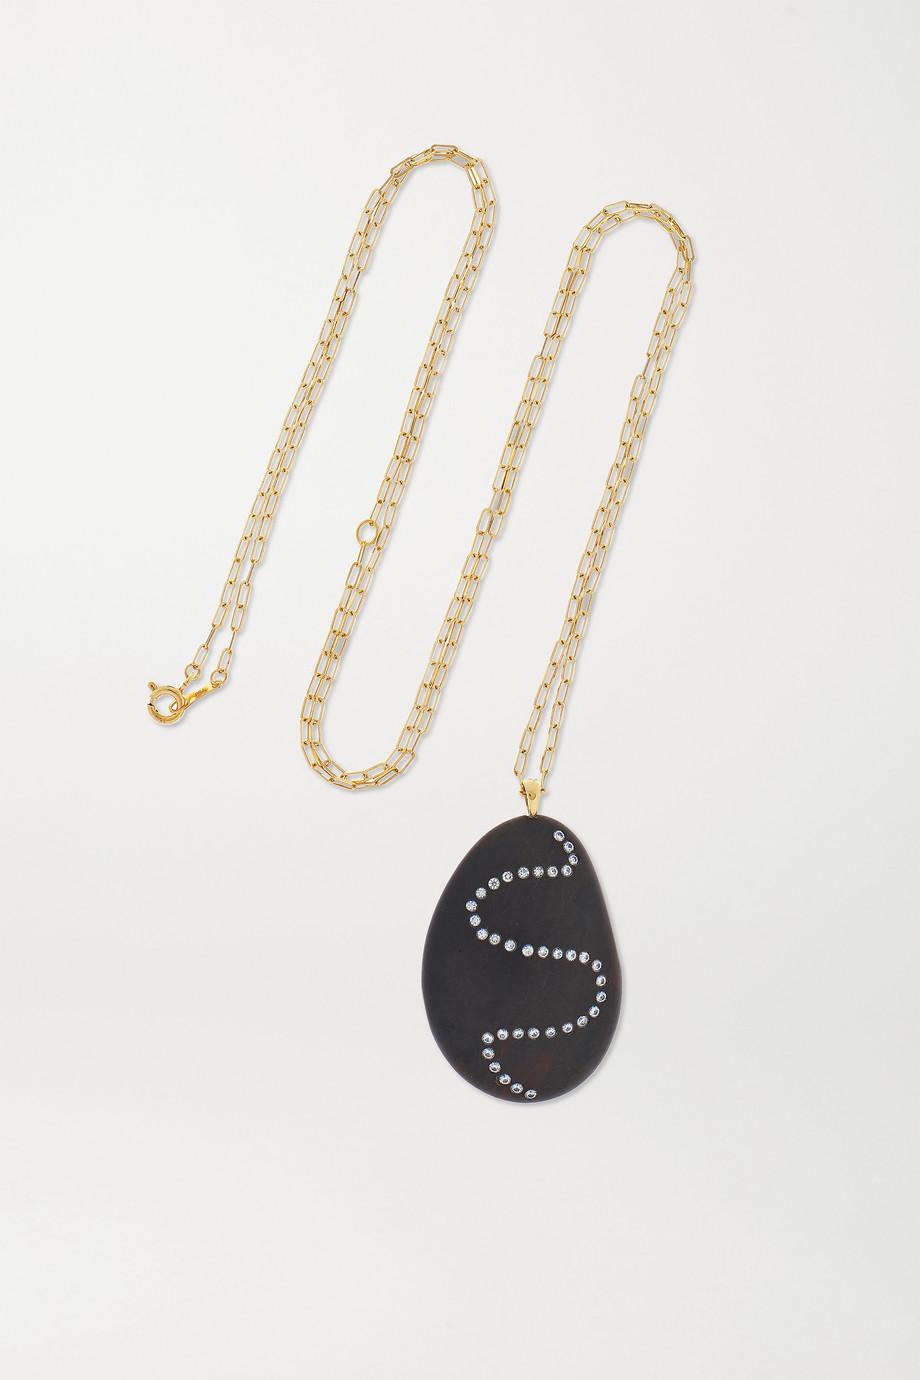 CVC Stones Collier en or 18 carats, galet et diamants Twisty